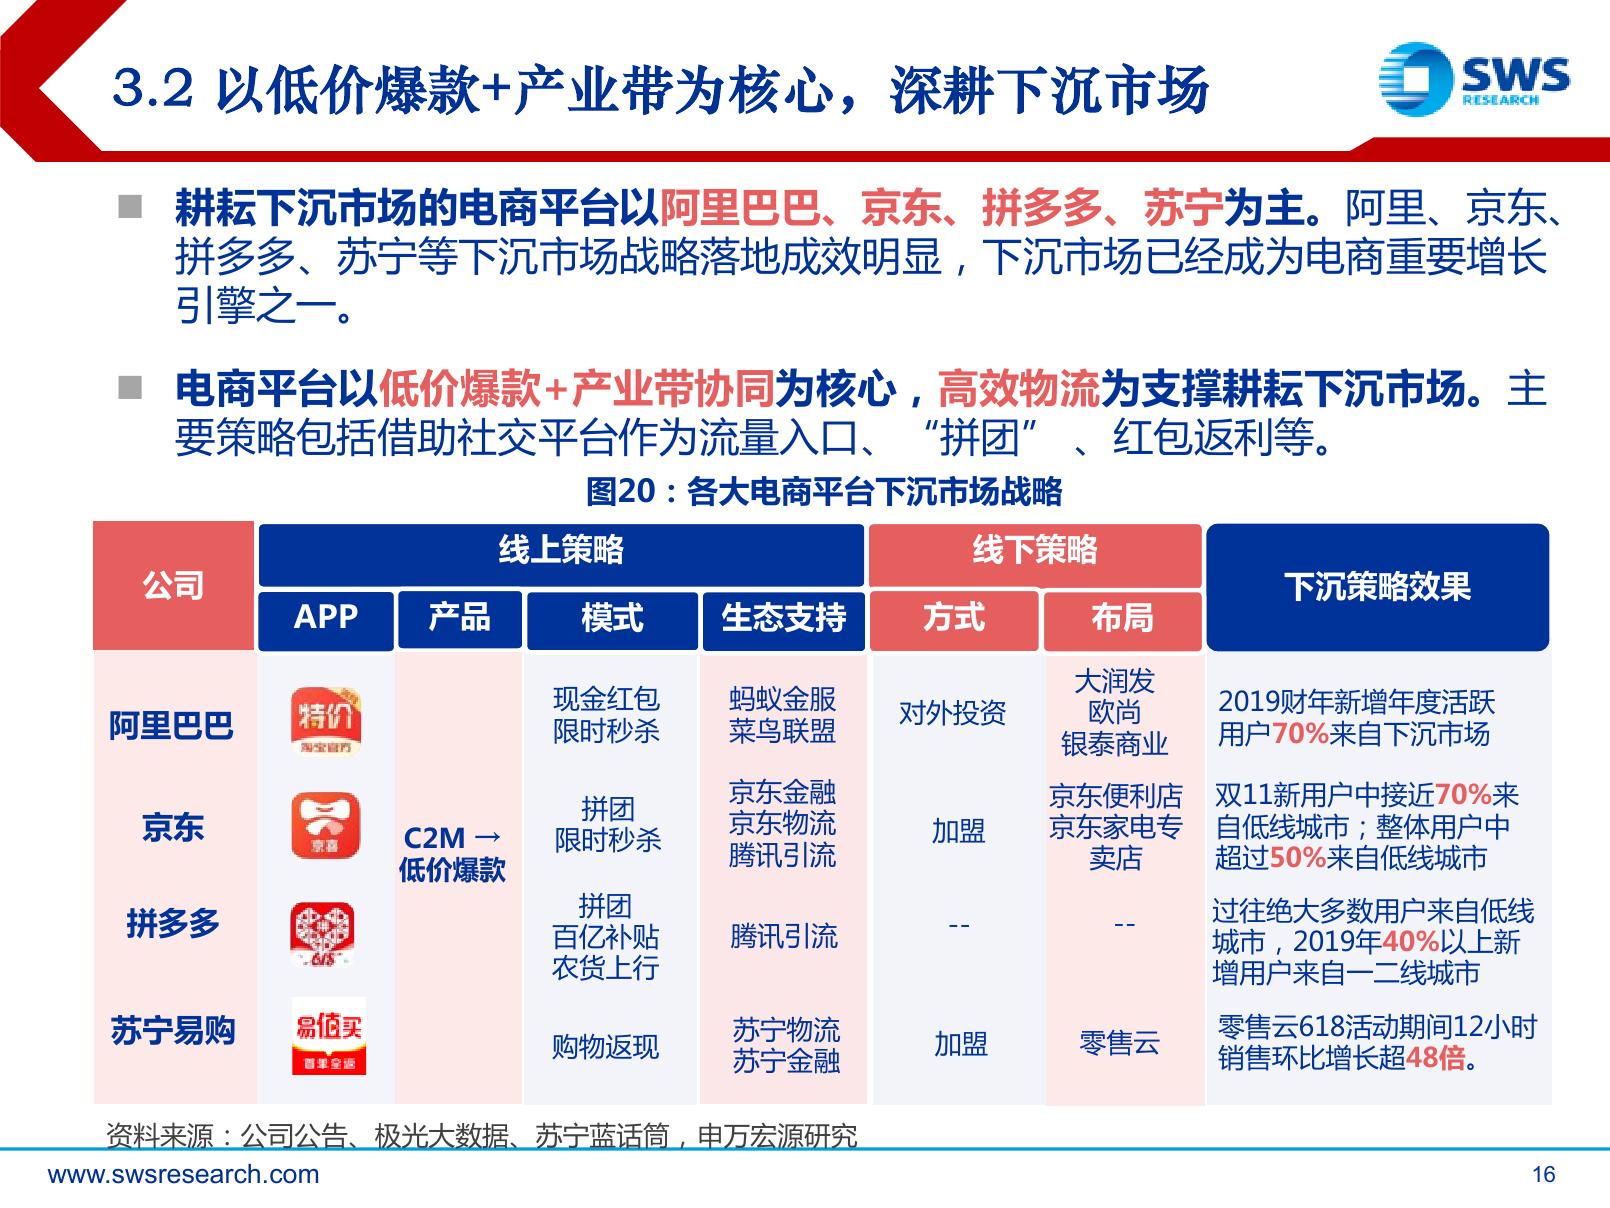 申万宏源:下沉市场,电商巨头新战场(可下载报告)插图(31)